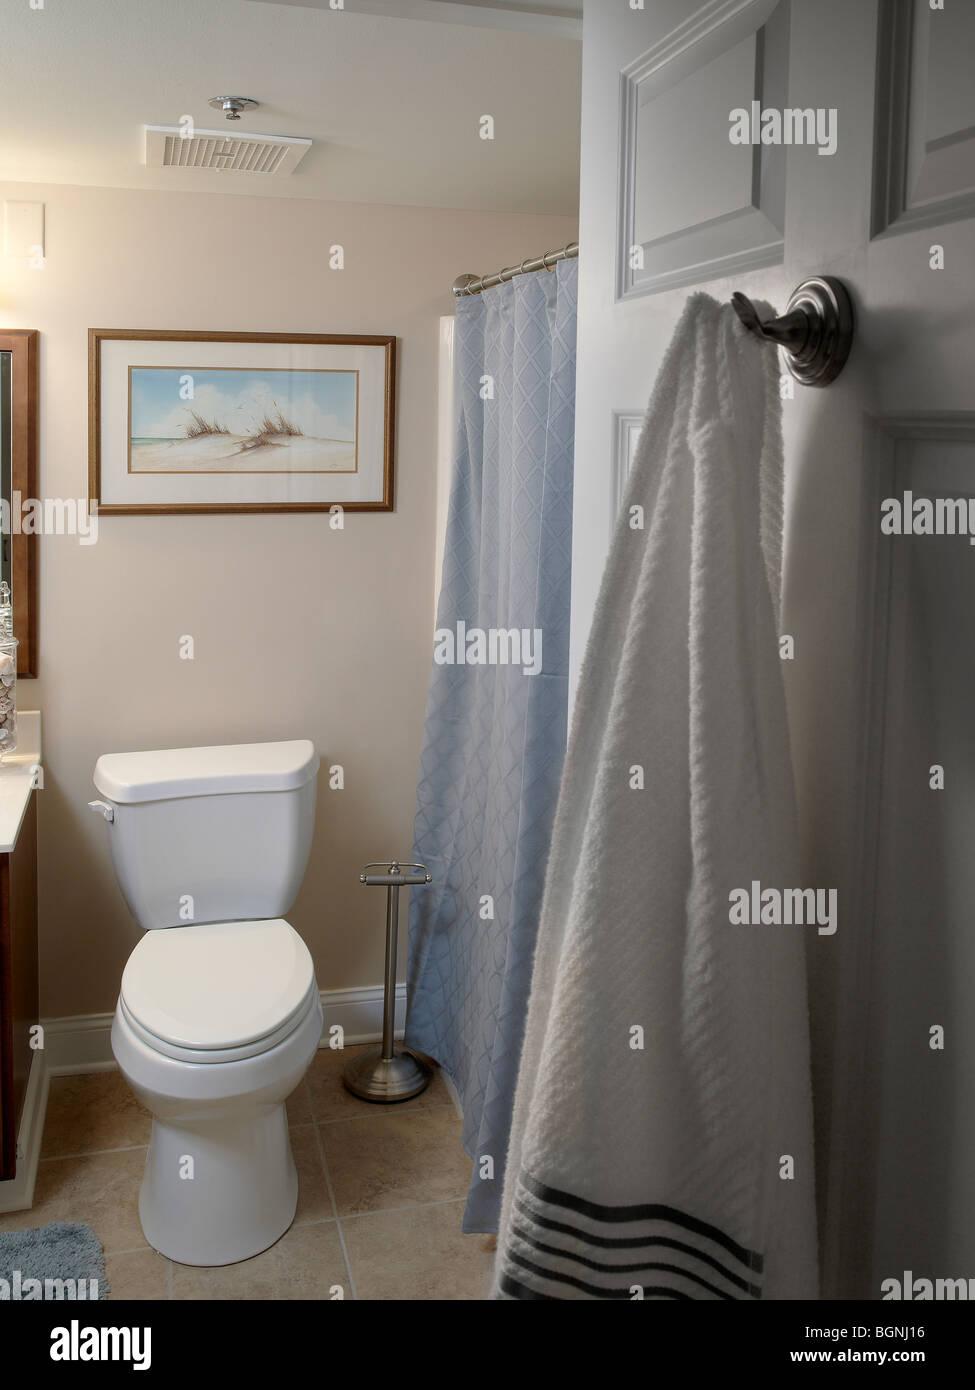 Bathroom With Towel Hanging On Door - Stock Image